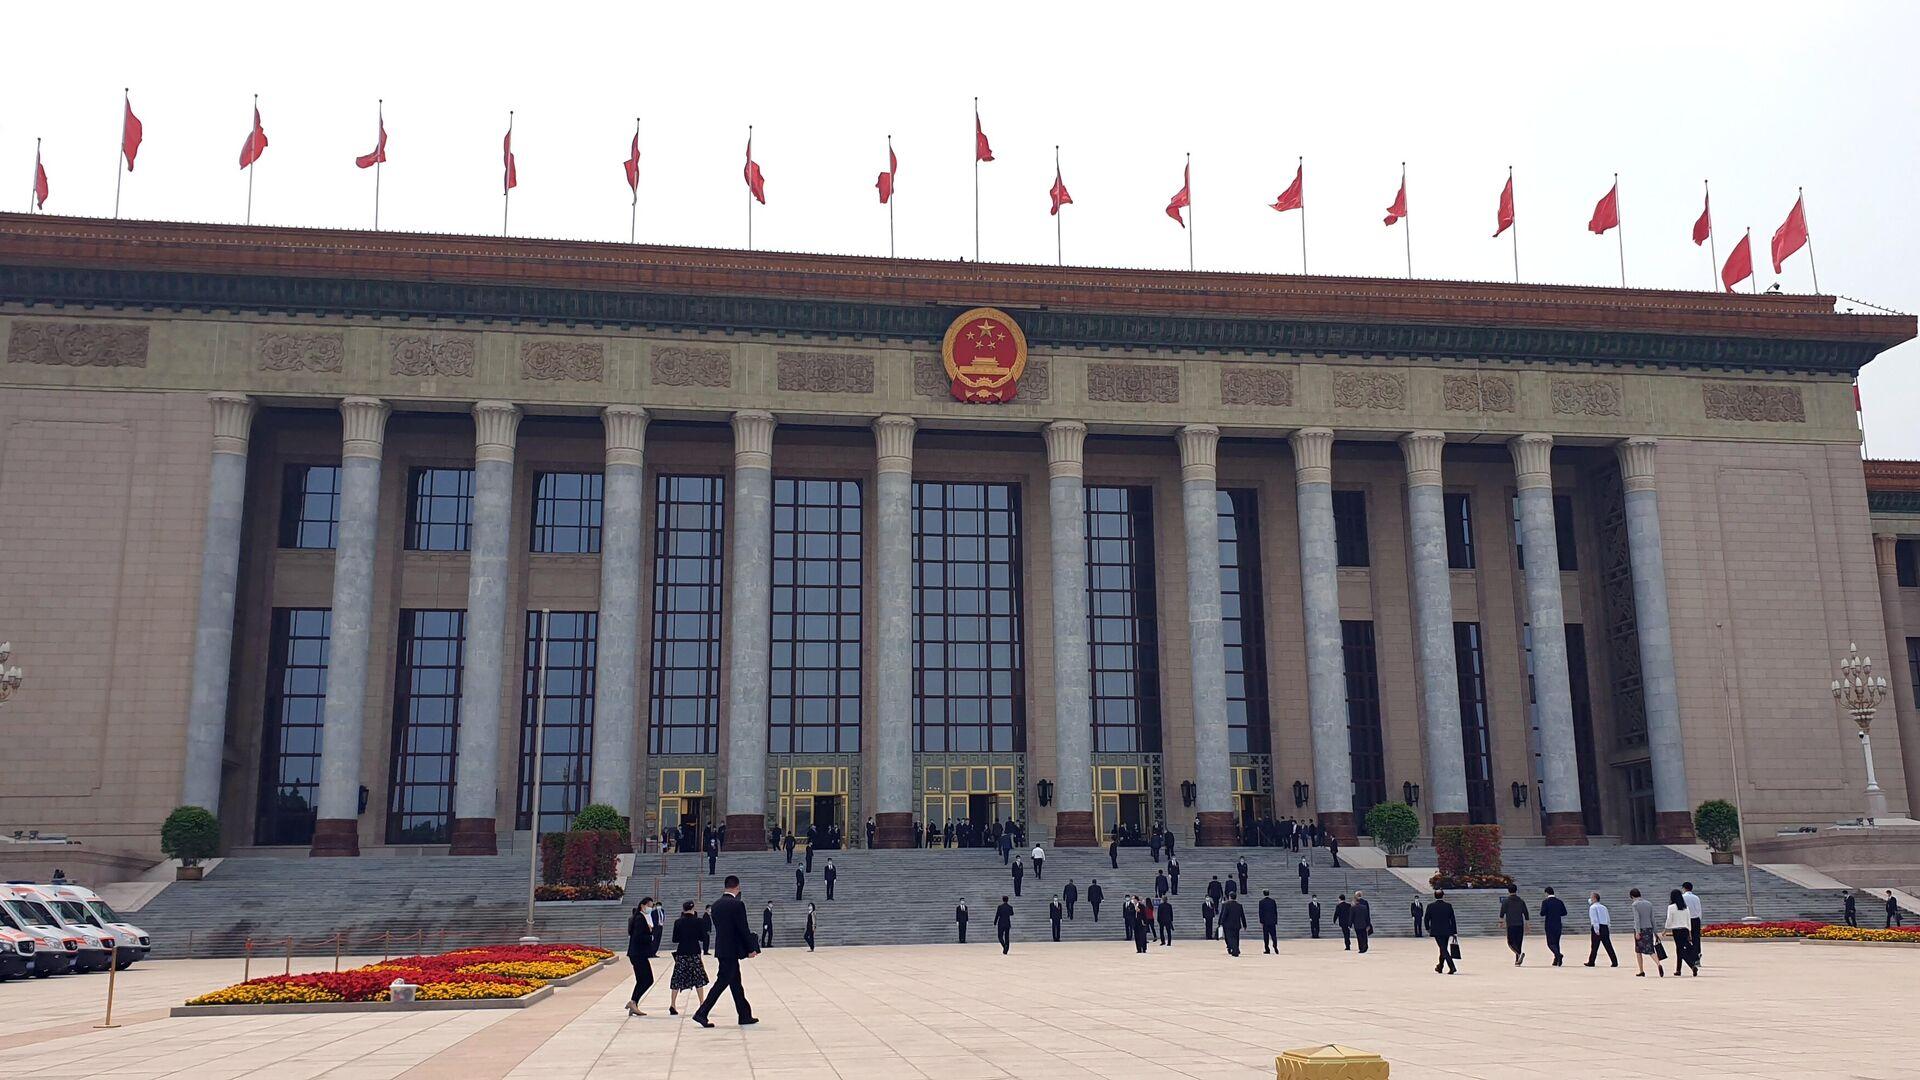 Здание китайского парламента на западной стороне площади Тяньаньмэнь в Пекине - РИА Новости, 1920, 04.12.2020